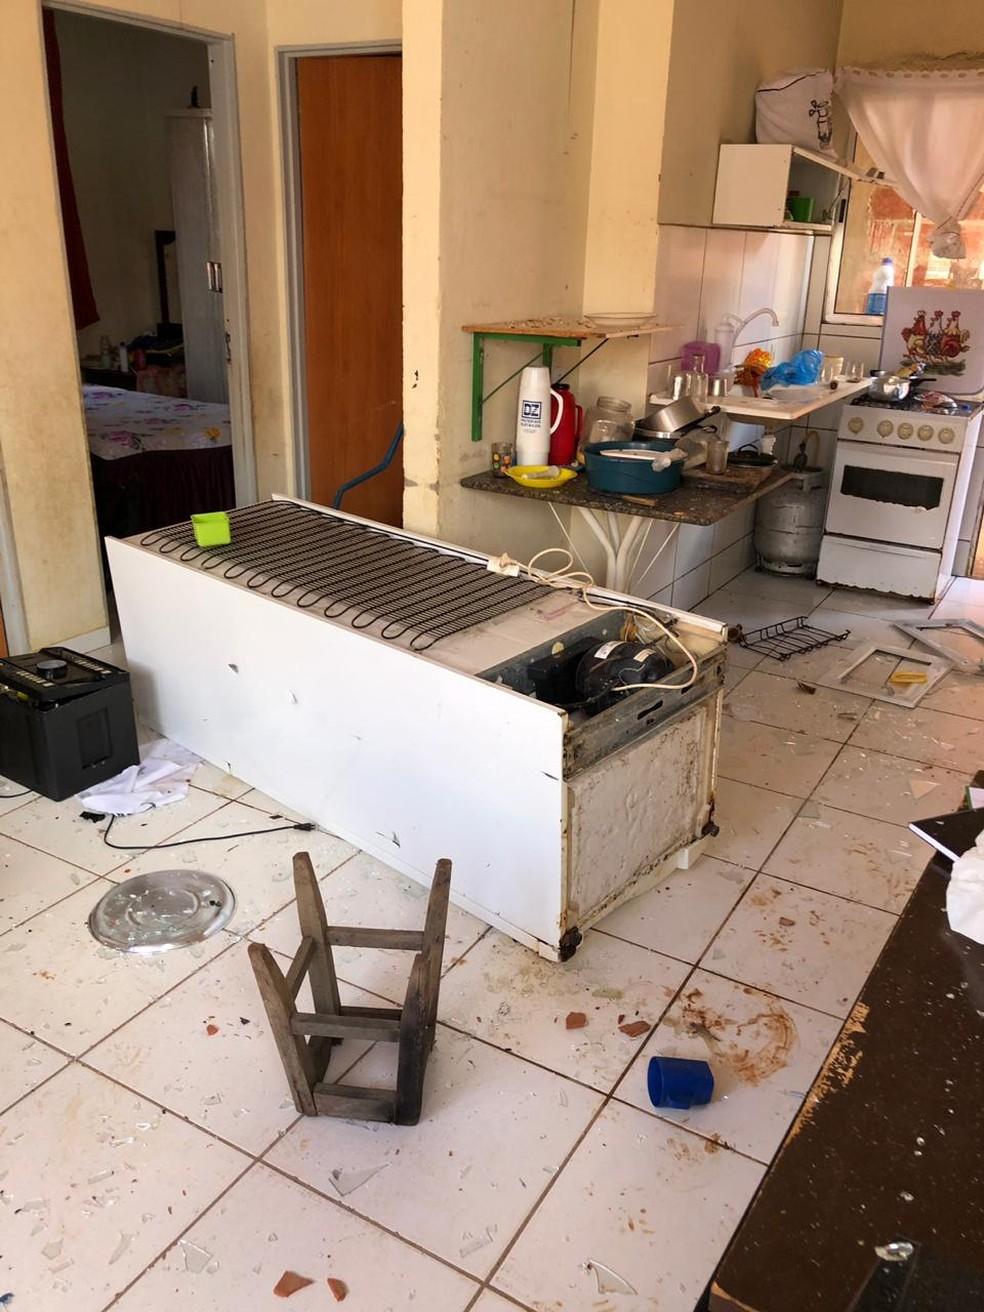 Homem quebrou portas, janelas e derrubou móveis — Foto: Divulgação/SSP-TO